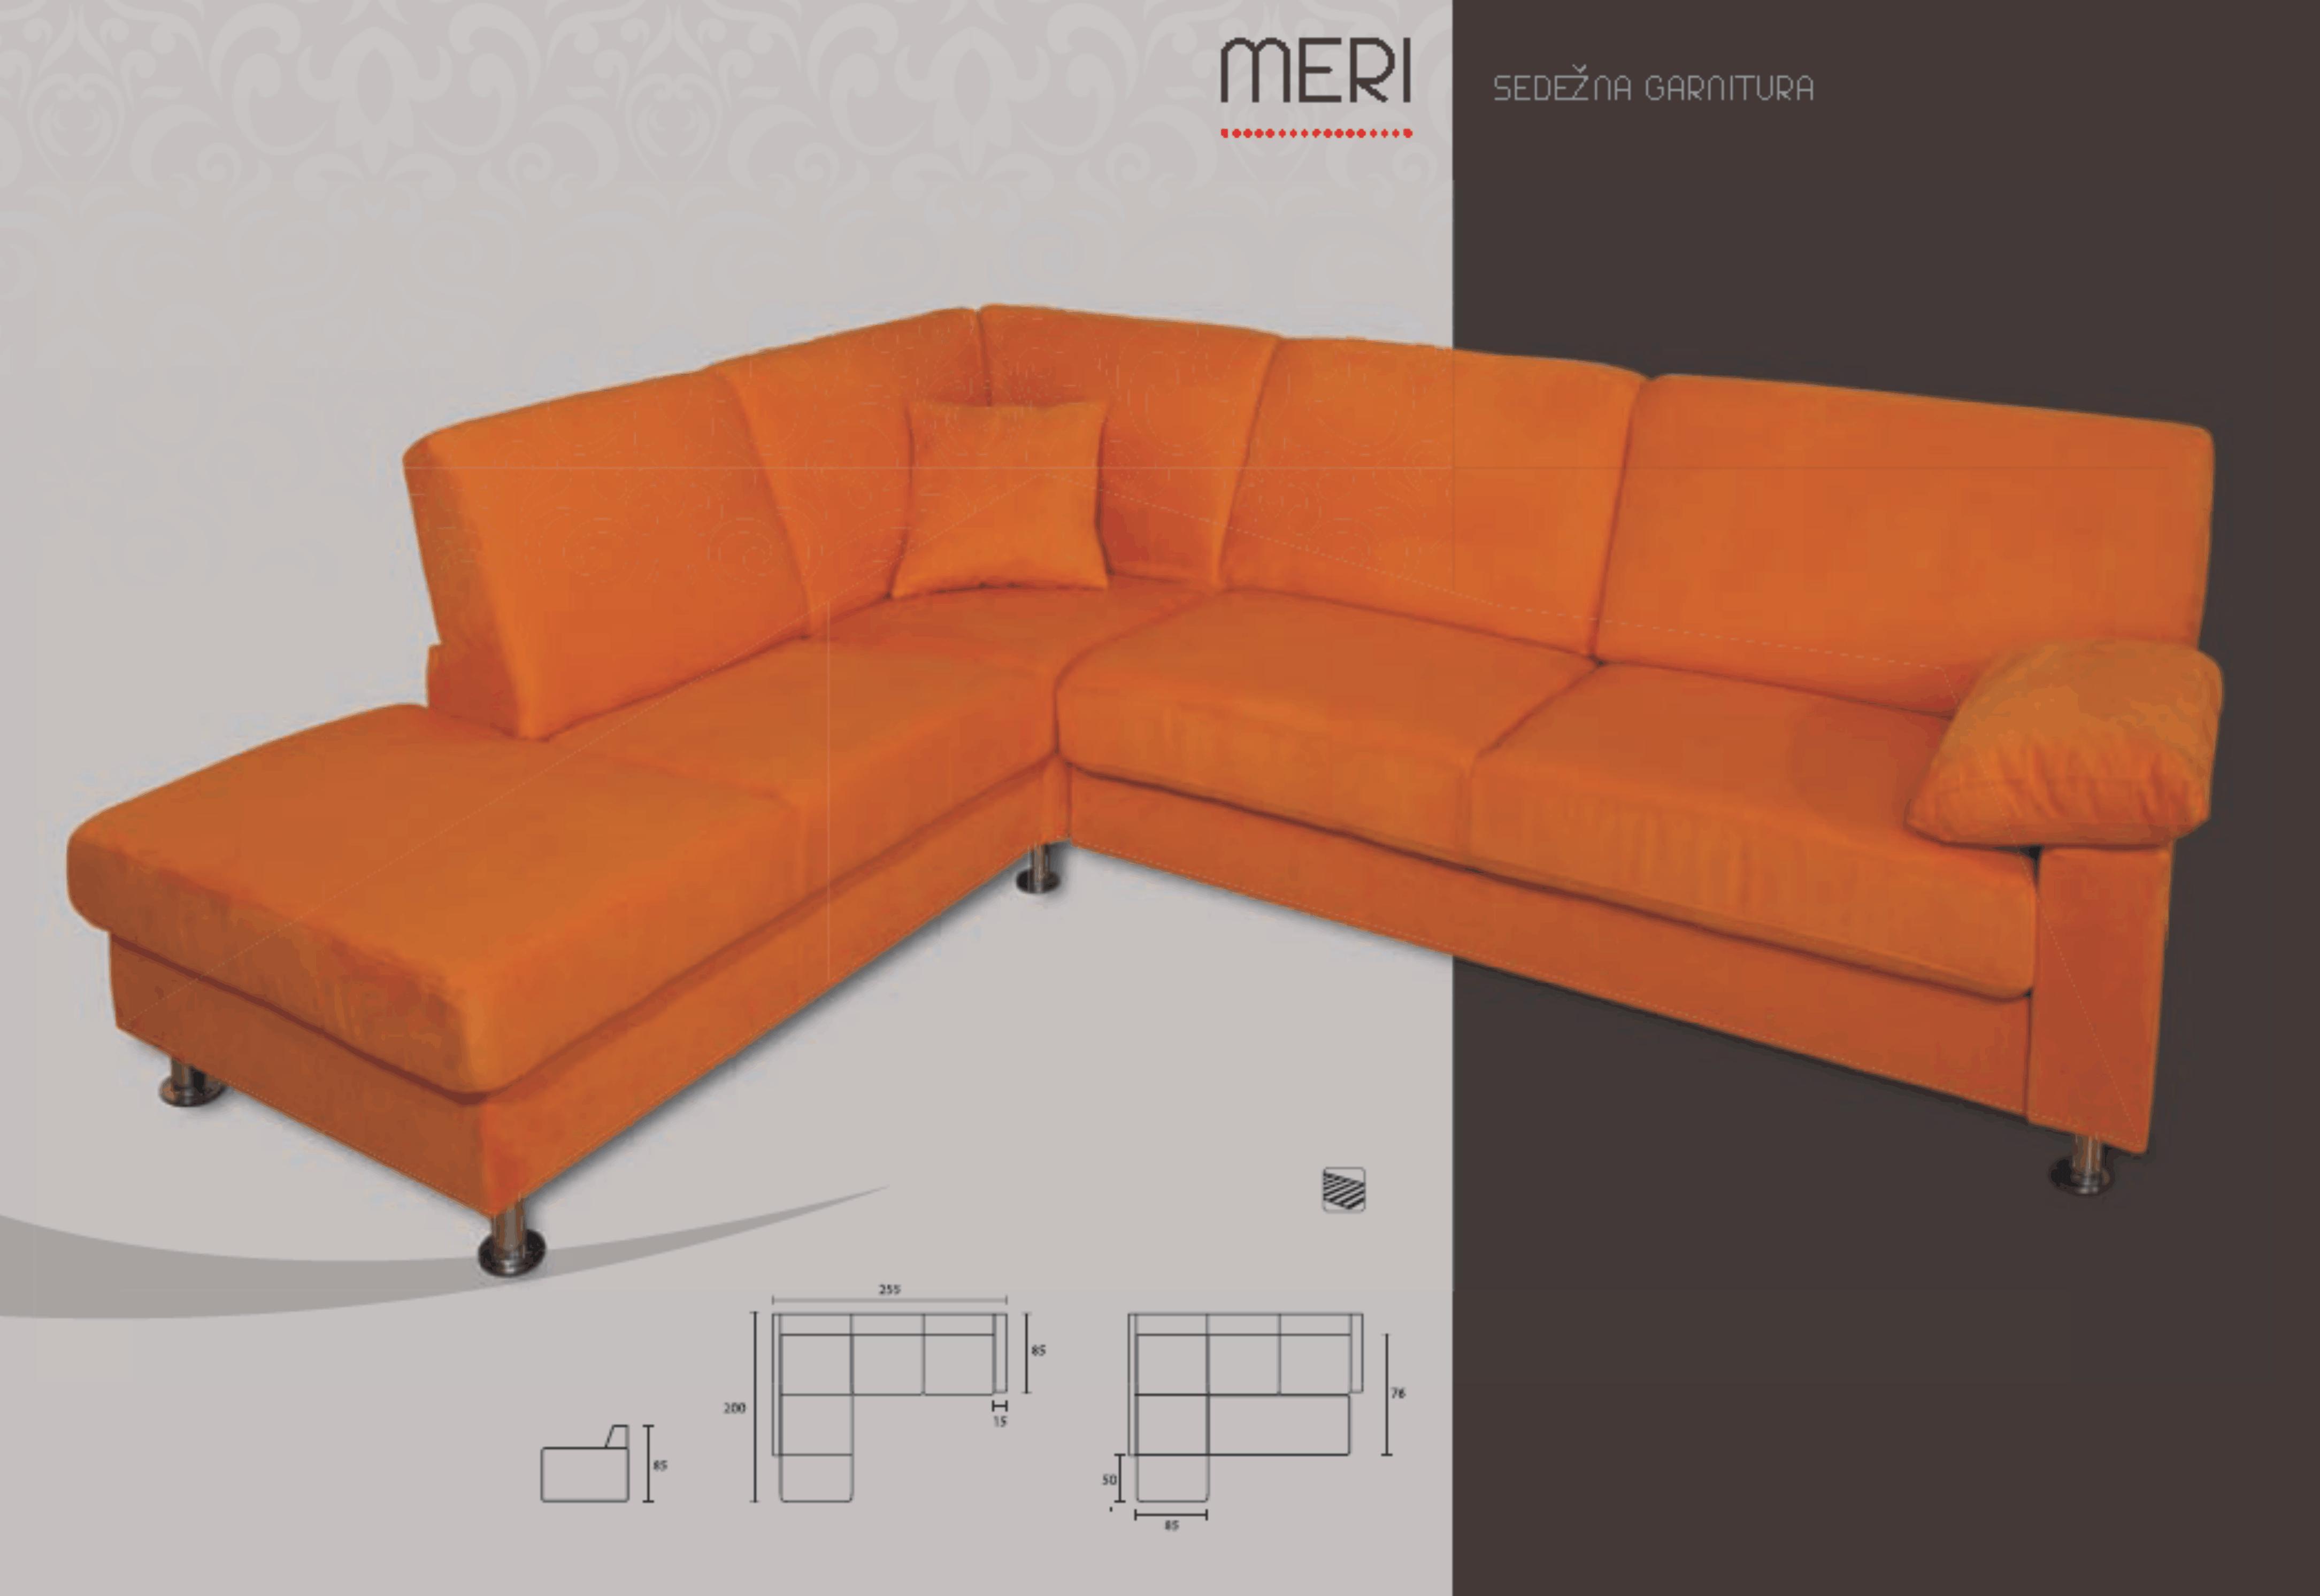 meri_sedezna